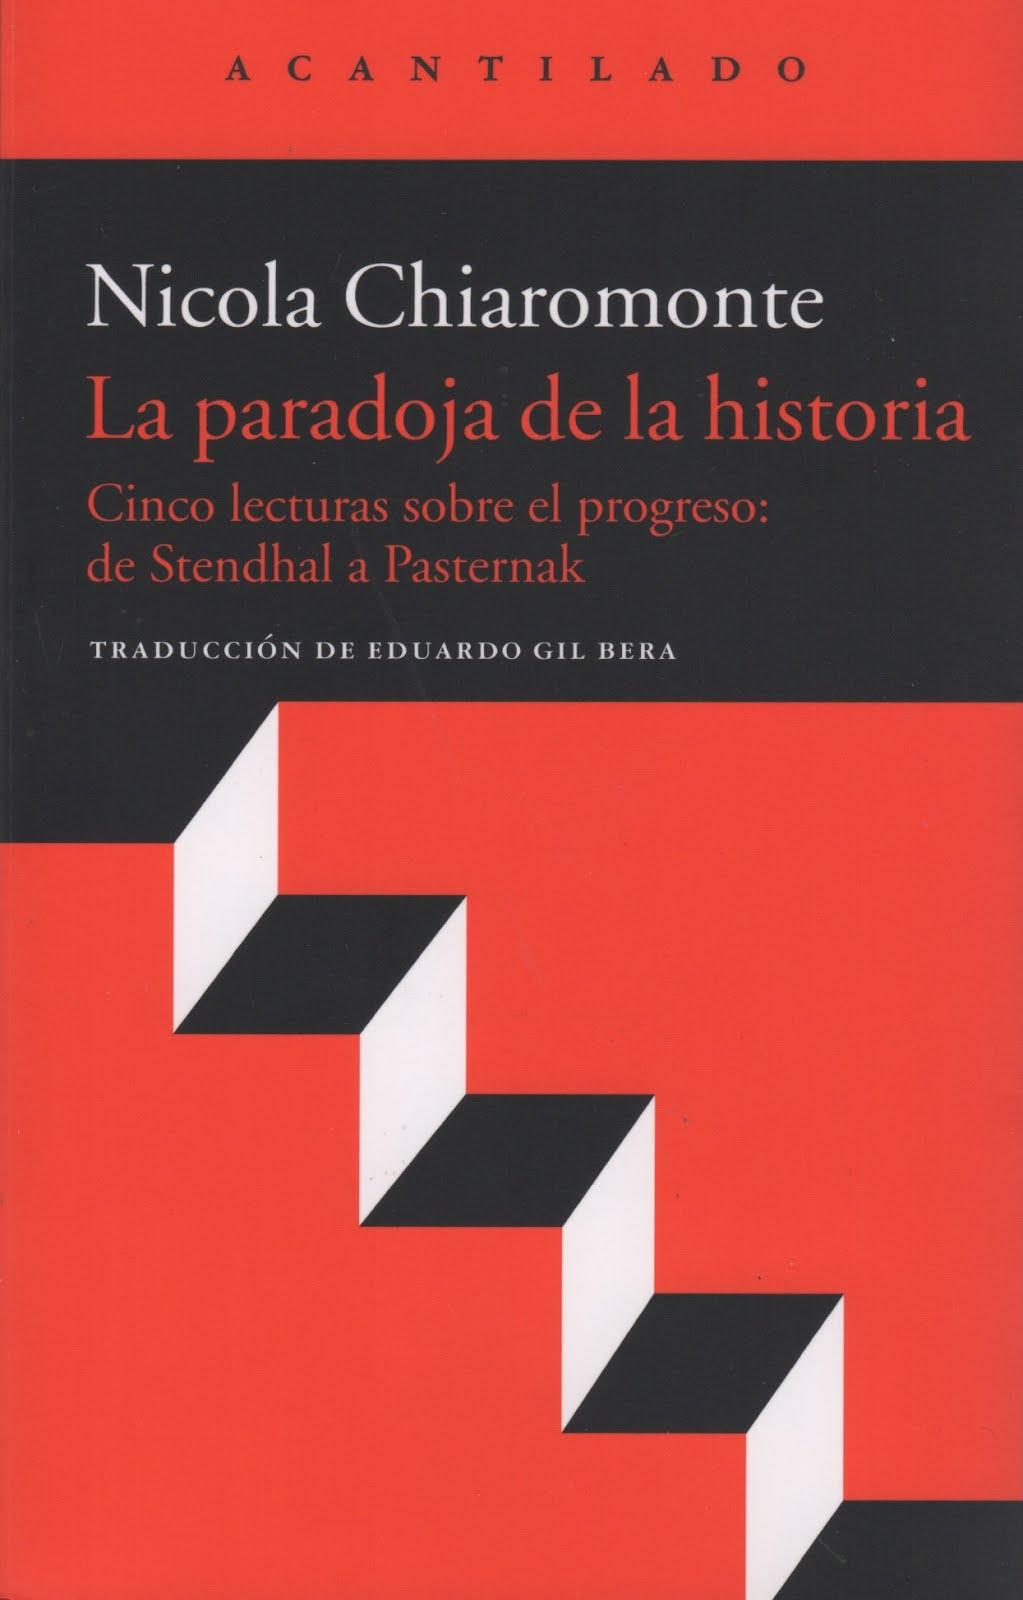 Nicola Chiaromonte (La paradoja de la historia) Cinco lecturas sobre el progreso: de Stendhal a...